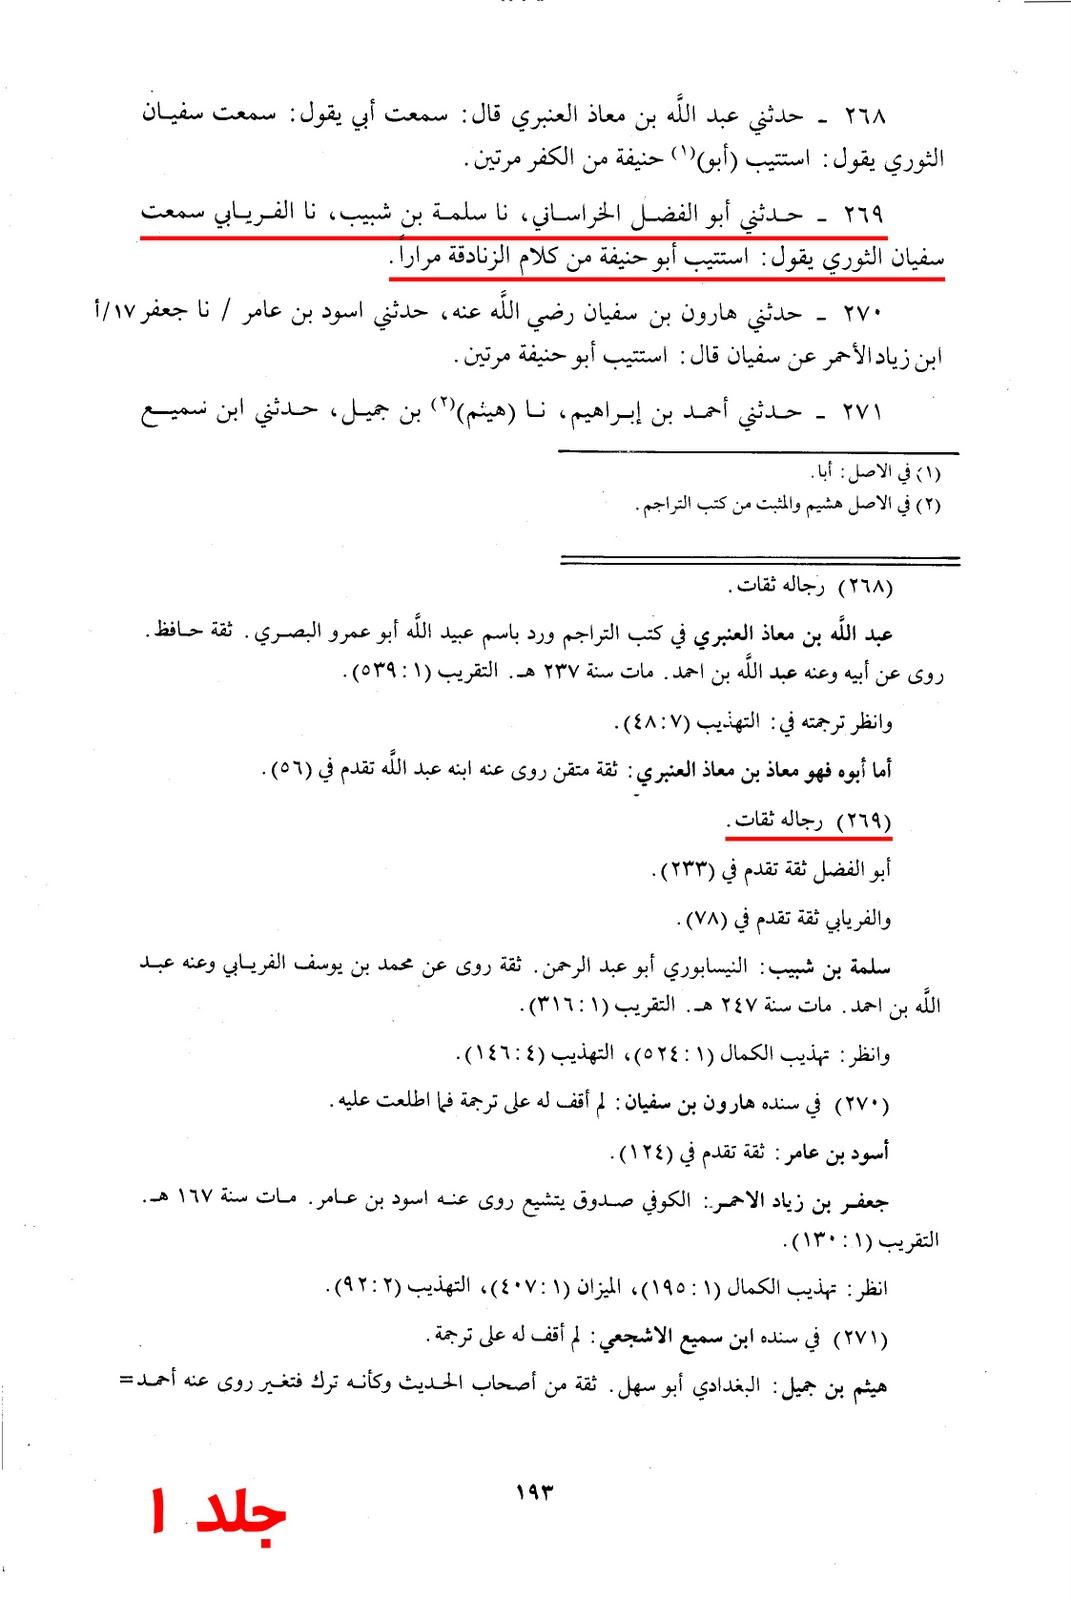 «Китаб ас-сунна»